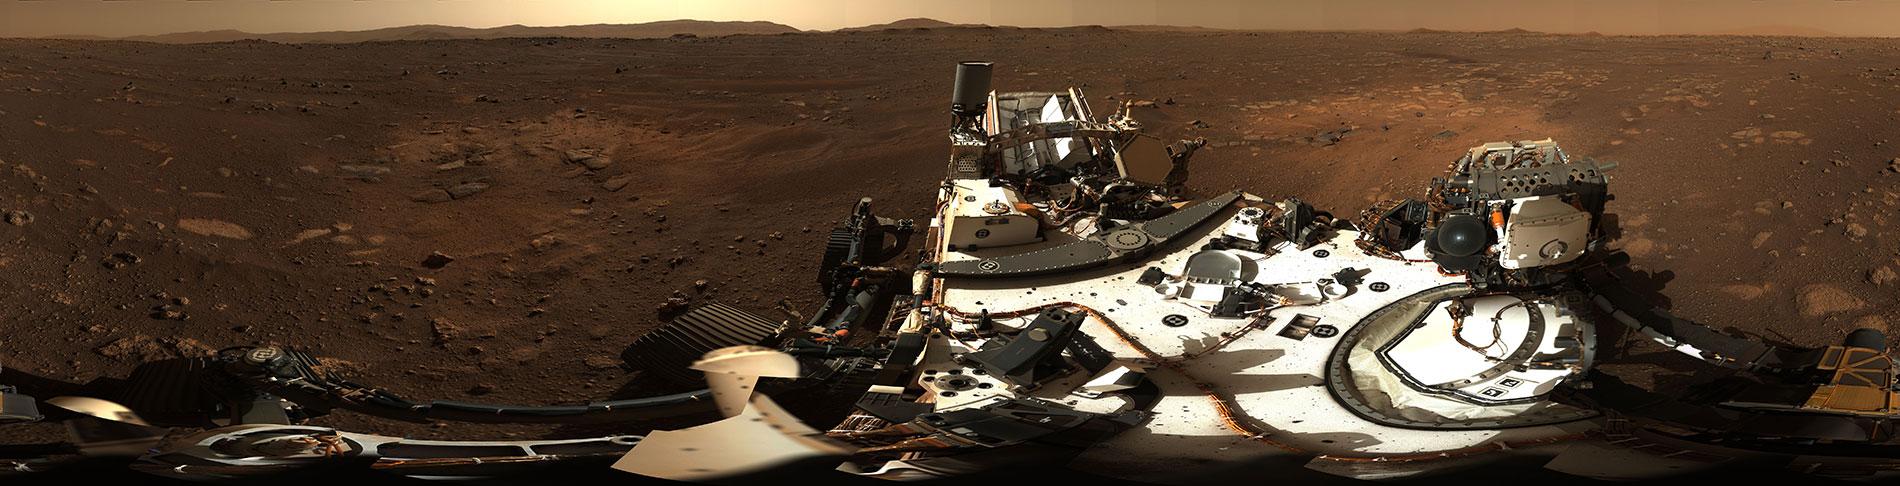 Perseverance - NASA rover